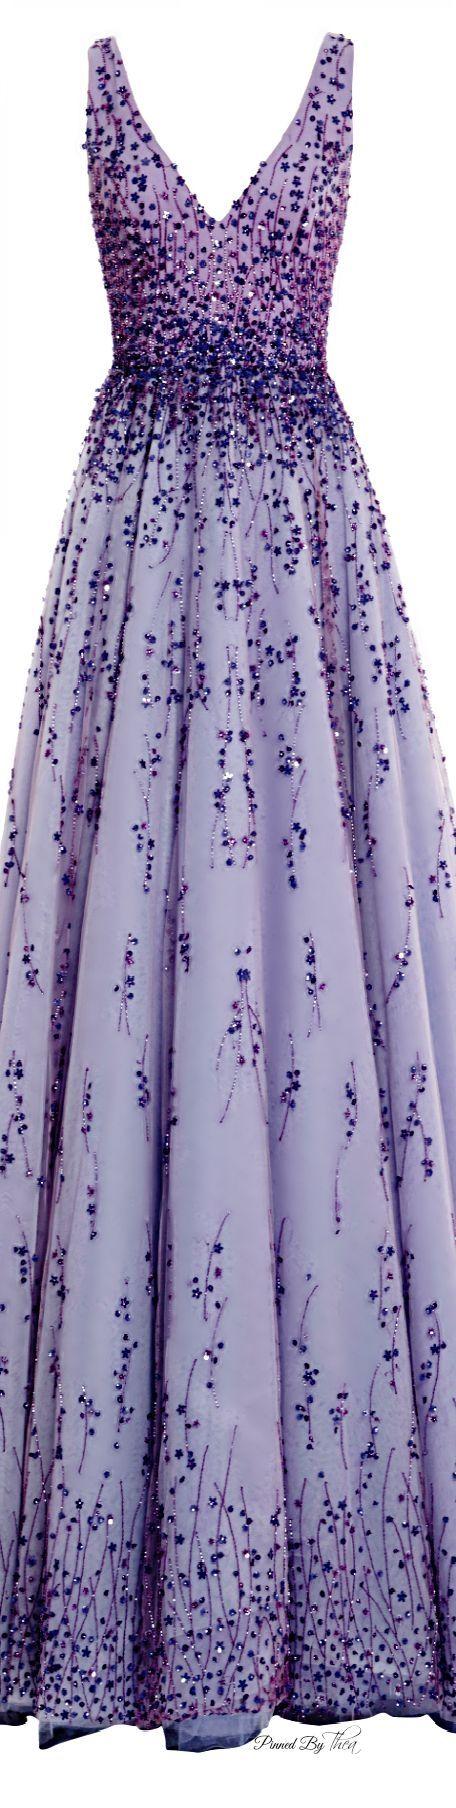 The Michaela7 Monique Lhuillier ● SS 2015, Violet Tulle Ball Gown